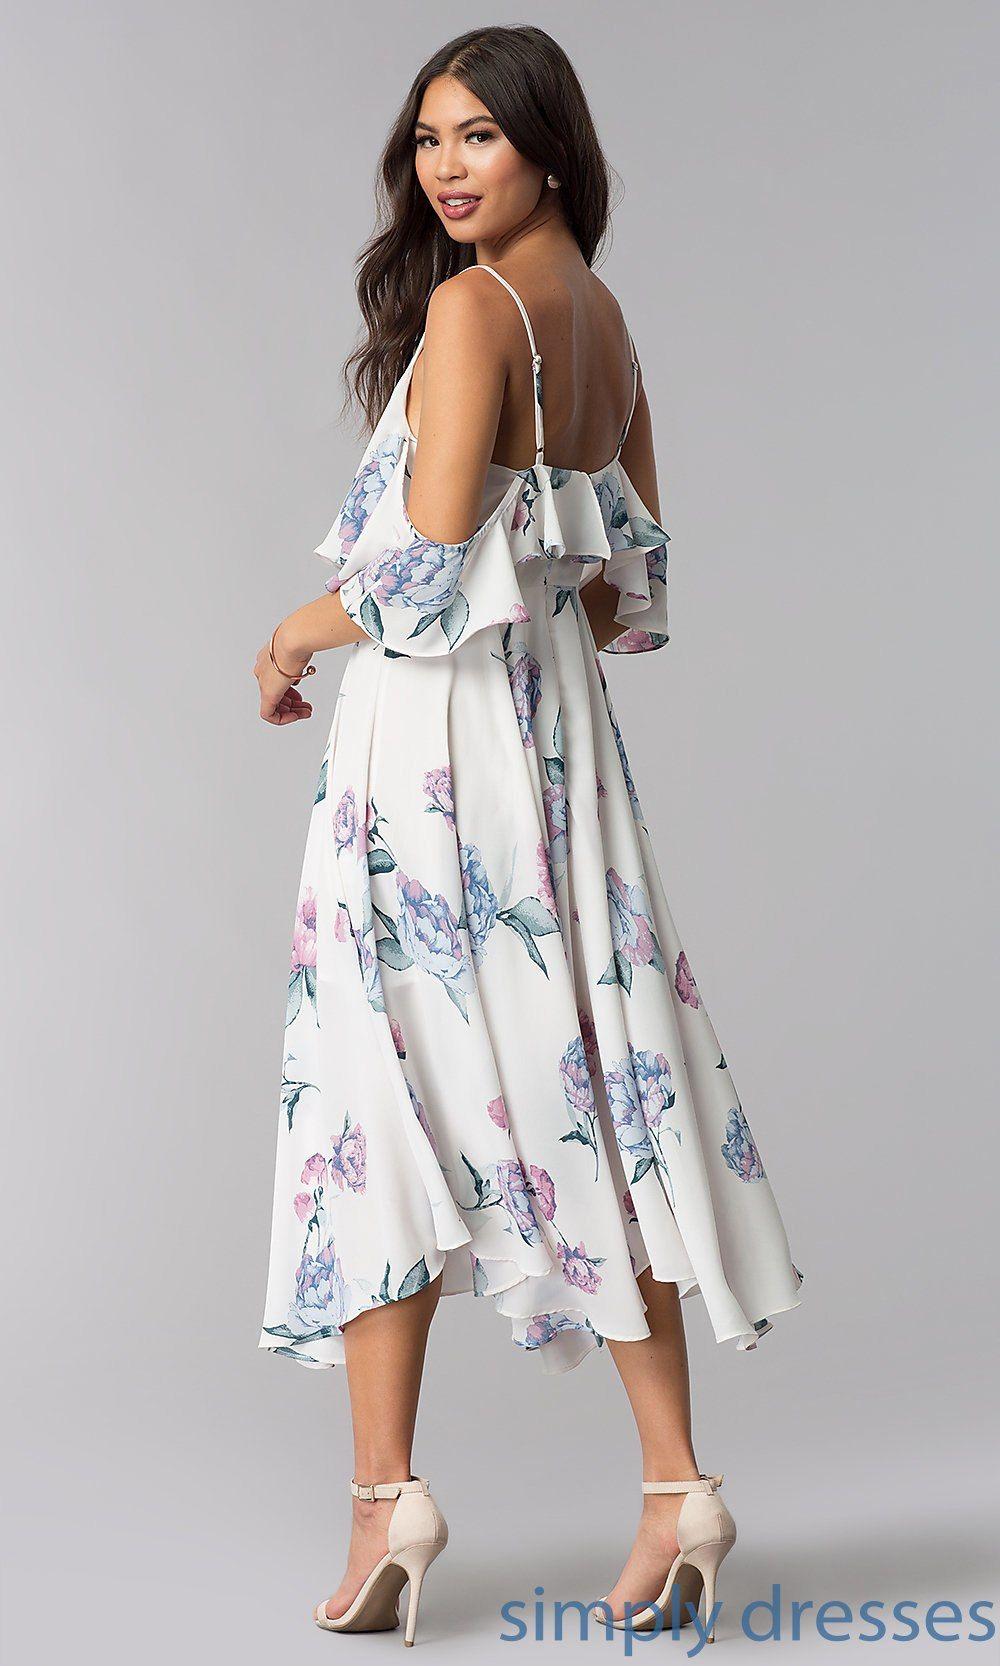 ColdShoulder Print TeaLength Wedding Guest Dress in 2020